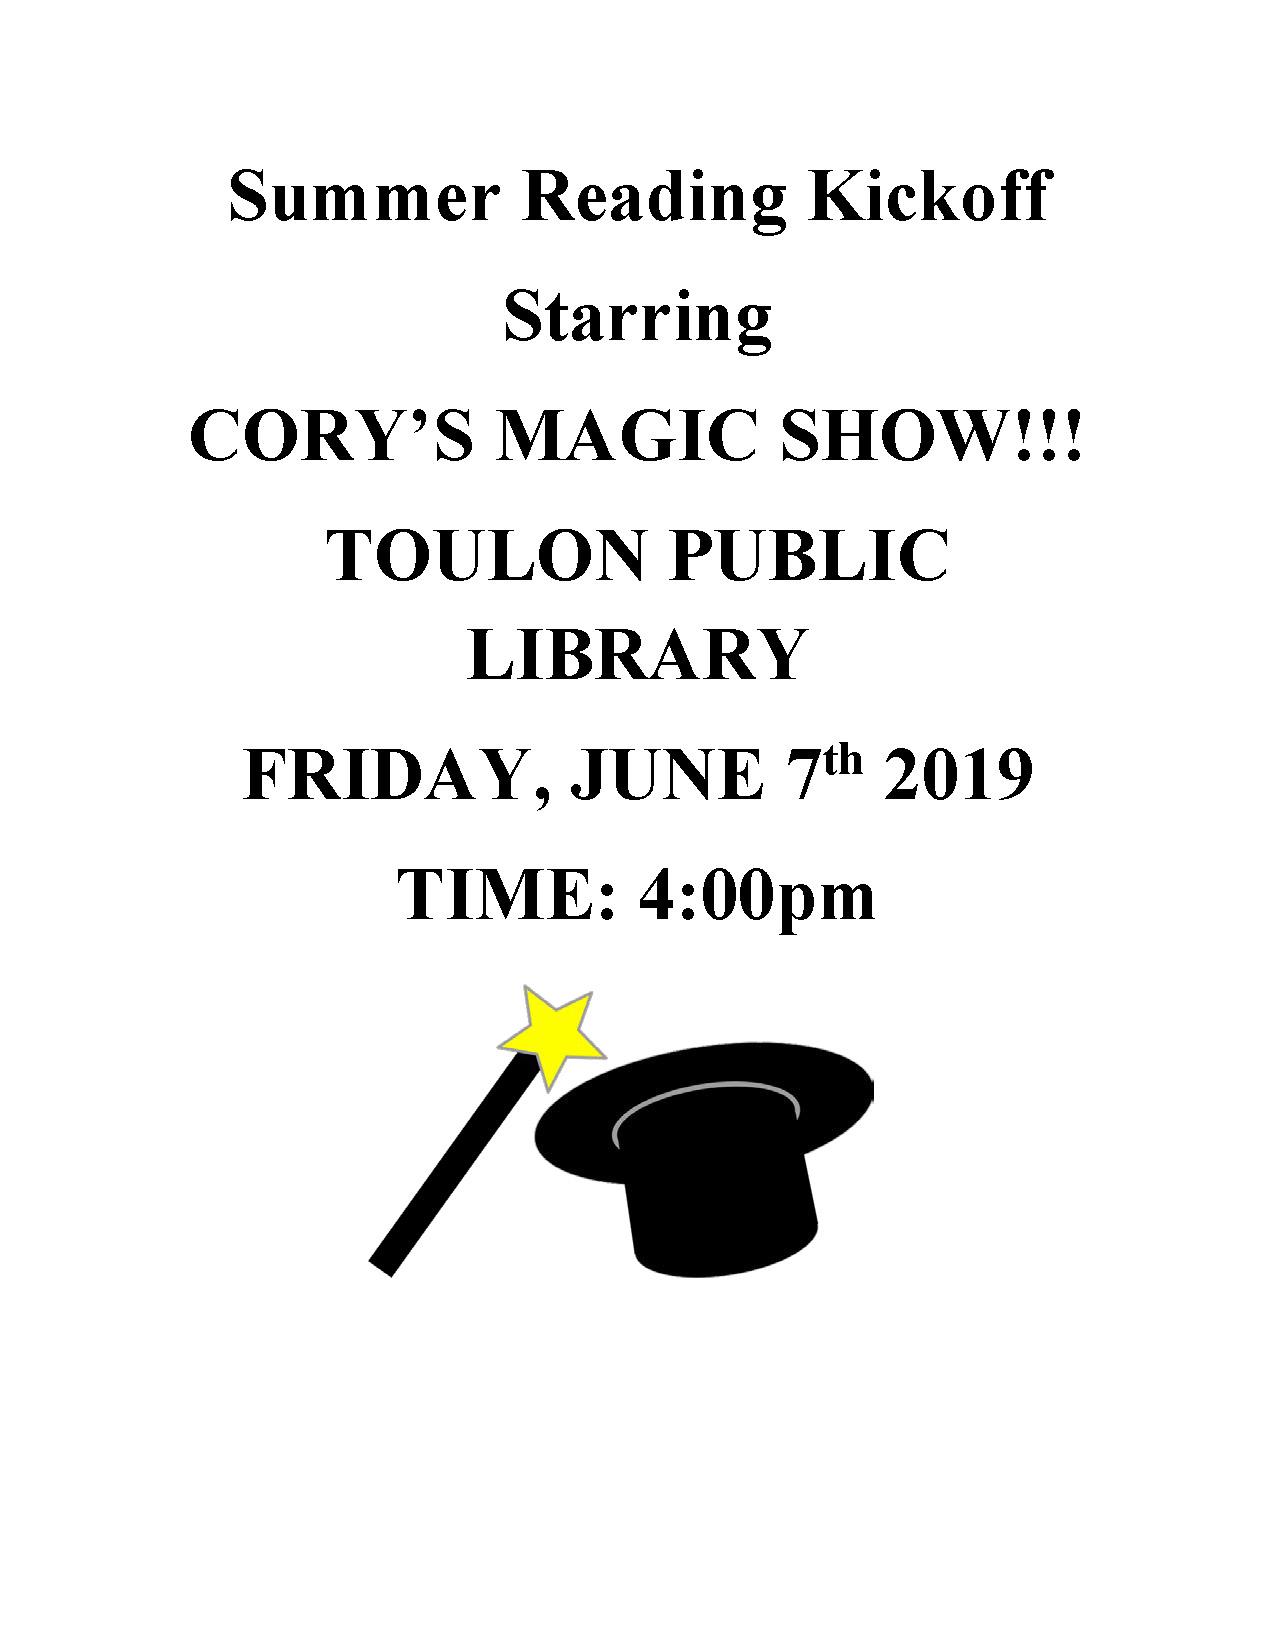 Cory's Magic Show Kickoff 2019 Ad.jpg